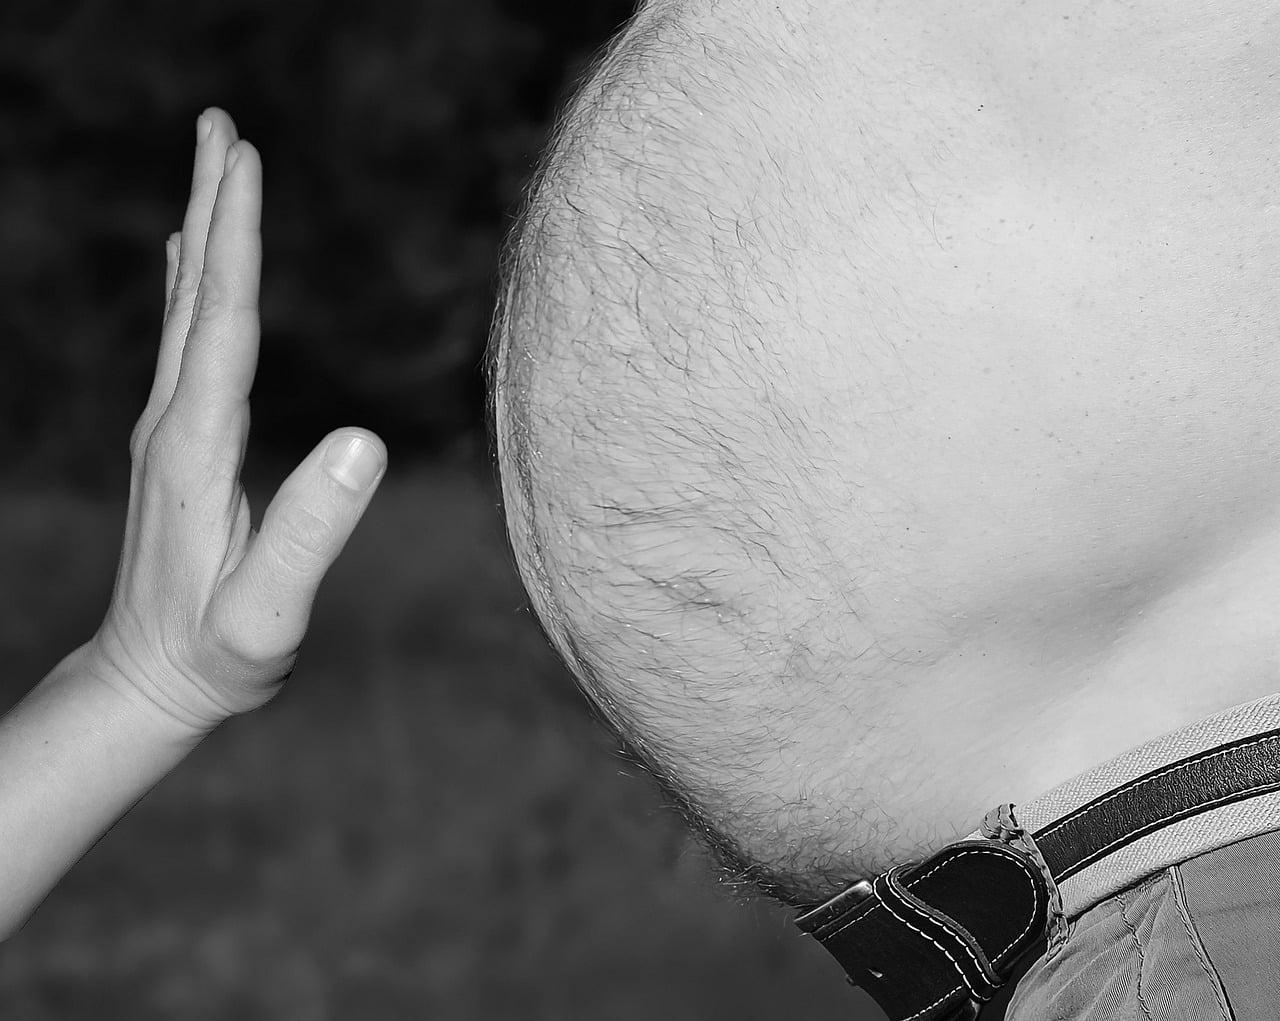 la perte de poids aidera-t-elle lanxiété perdre du poids laps de temps